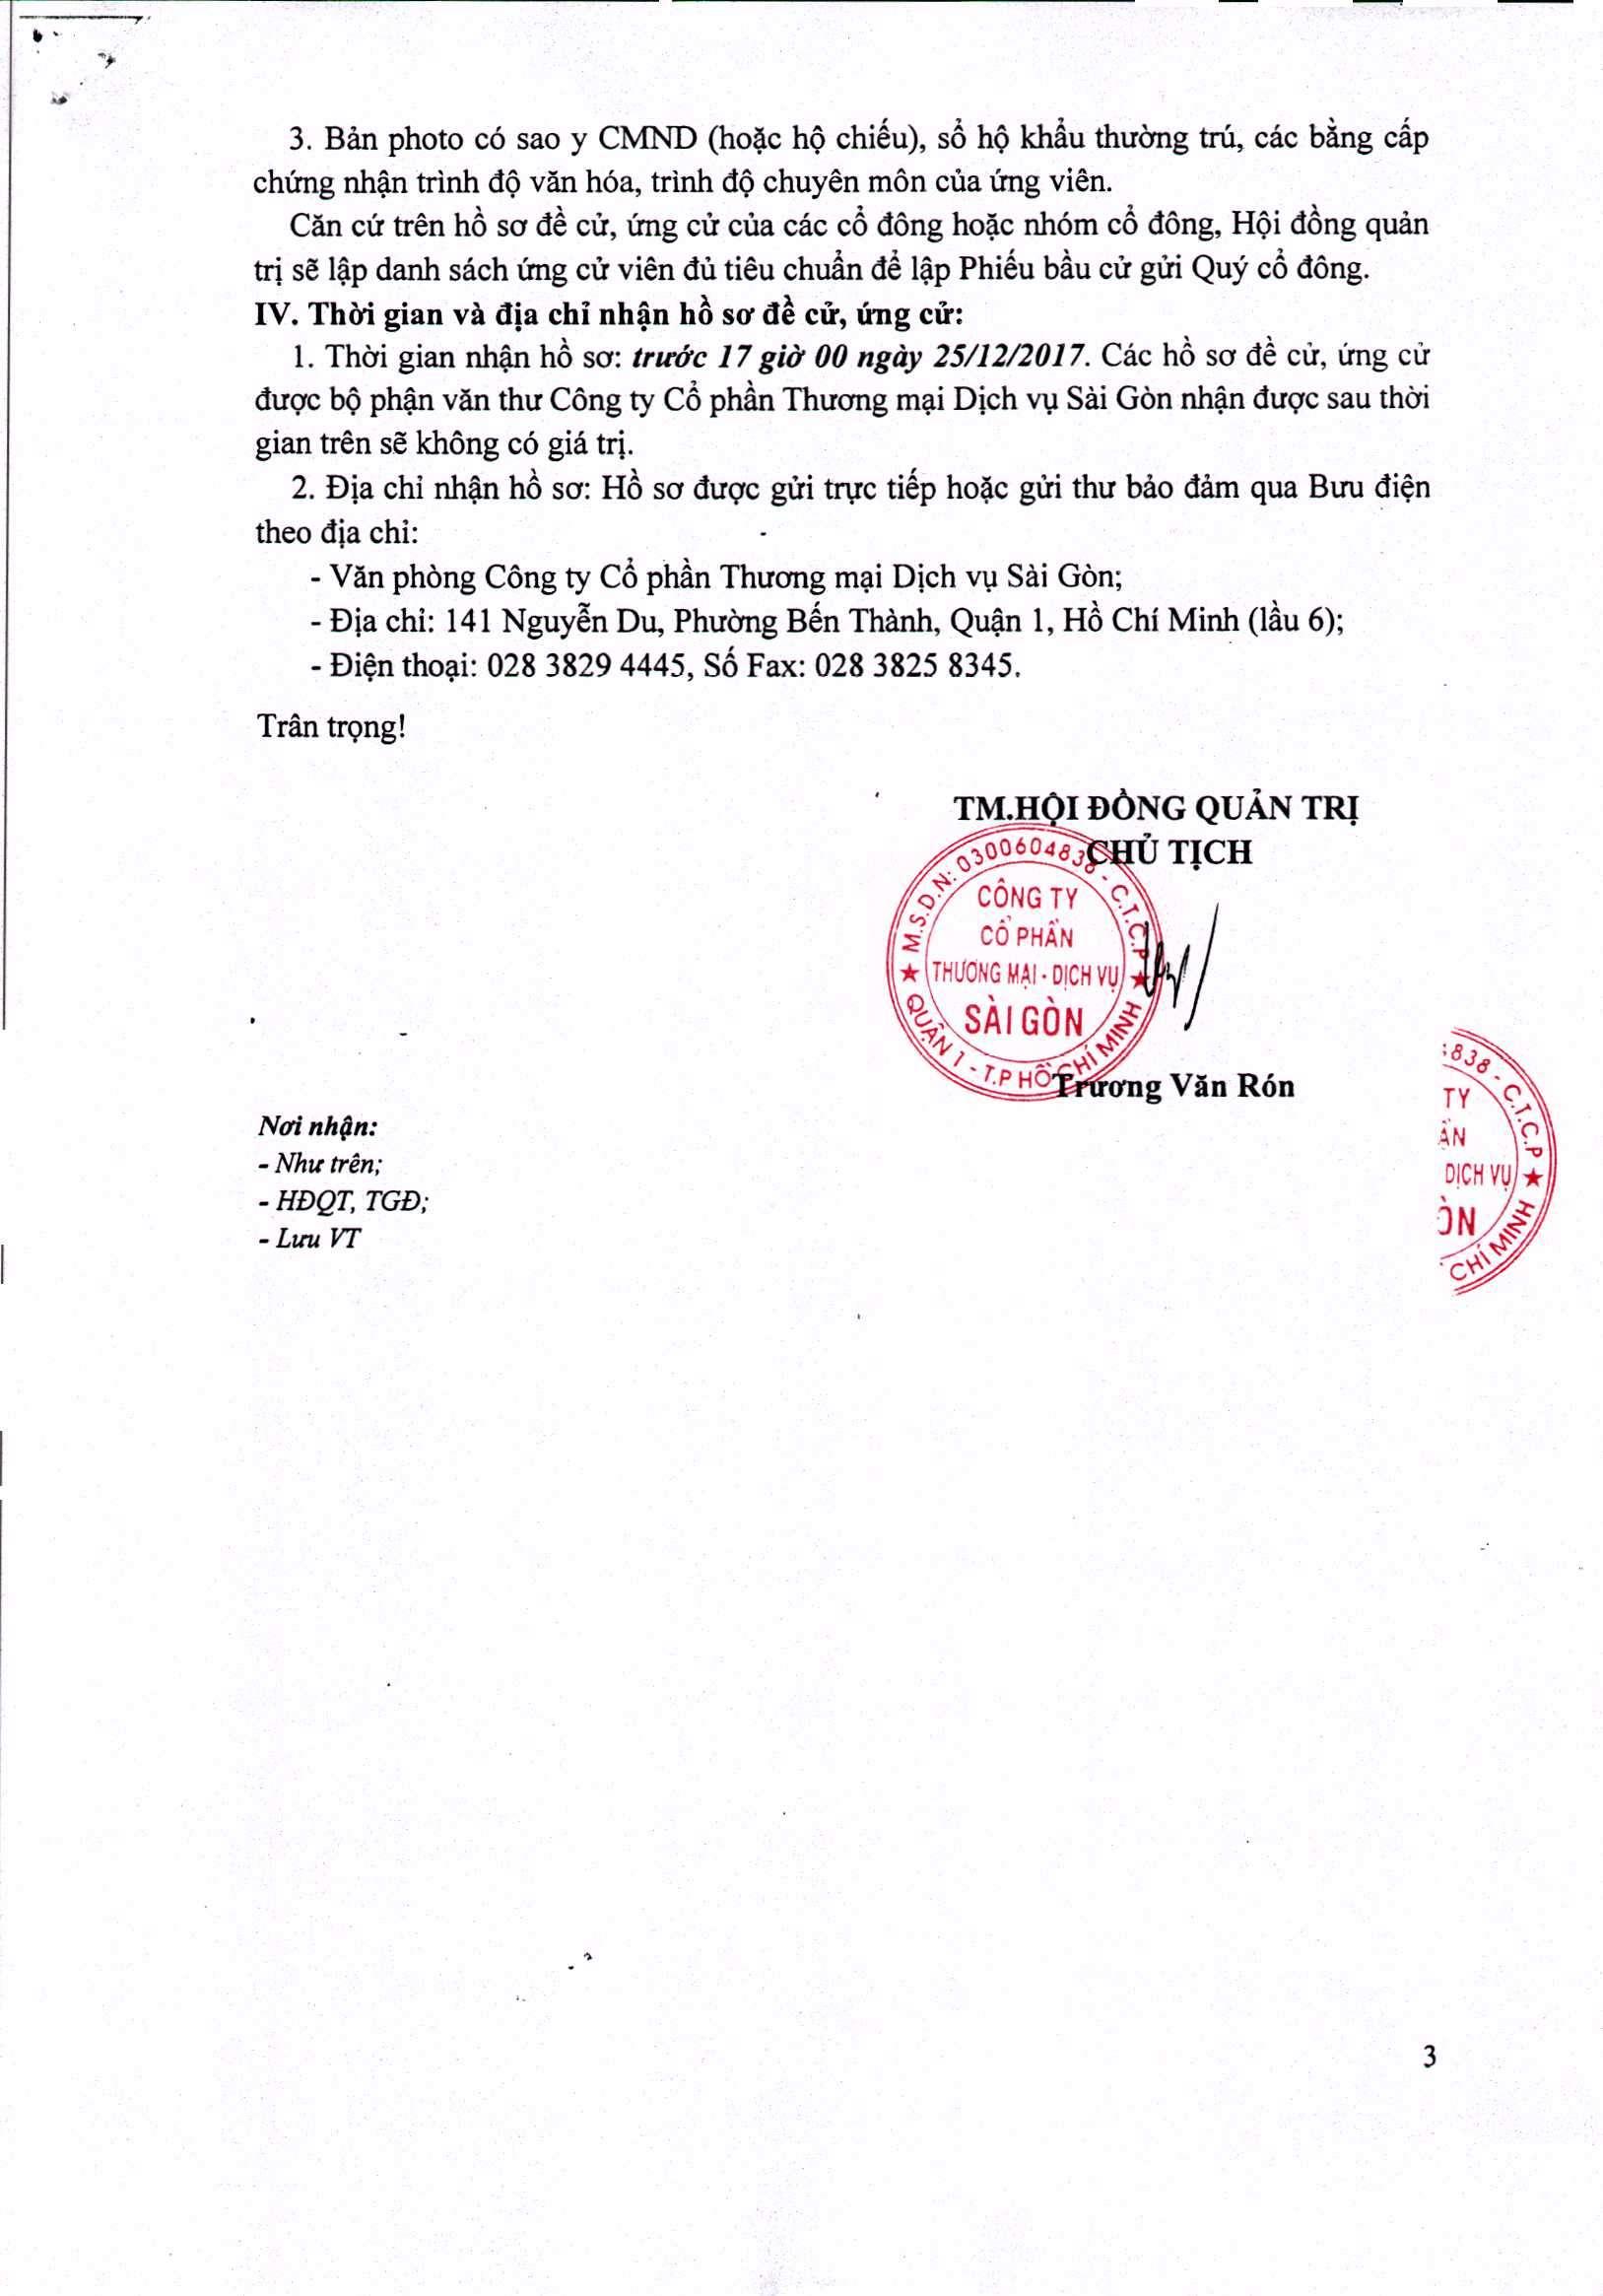 thông báo vv đề cử, ứng cử nhan sự dự kiến bầu bổ sung TV HĐQT và TV BKS 3